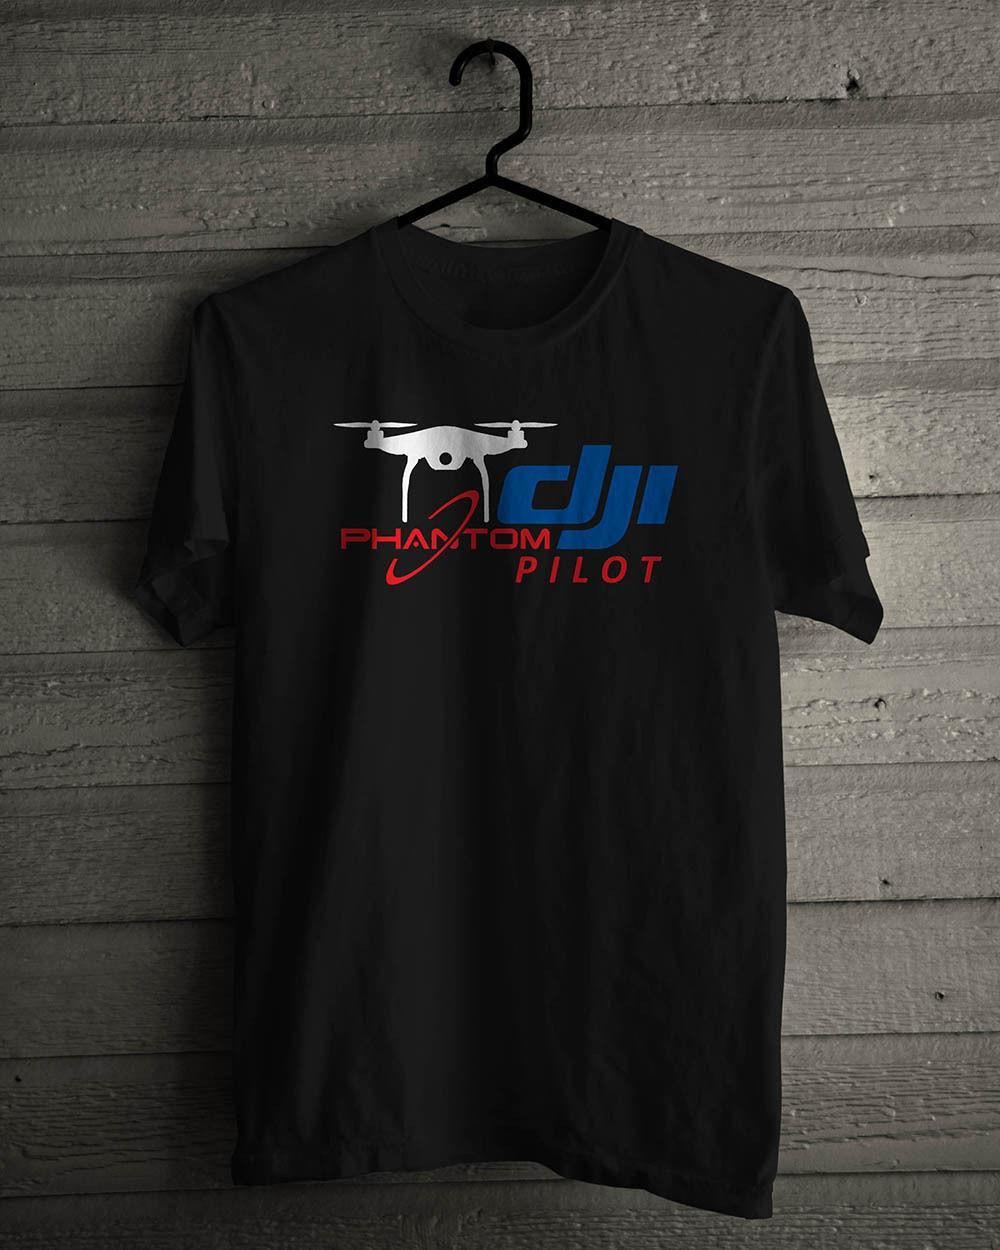 Moda de Nova Top Tees camisetas New DJI Fantasma Professional Pilot Comunidade Negra tamanho da camisa camisas S Para 5XL T